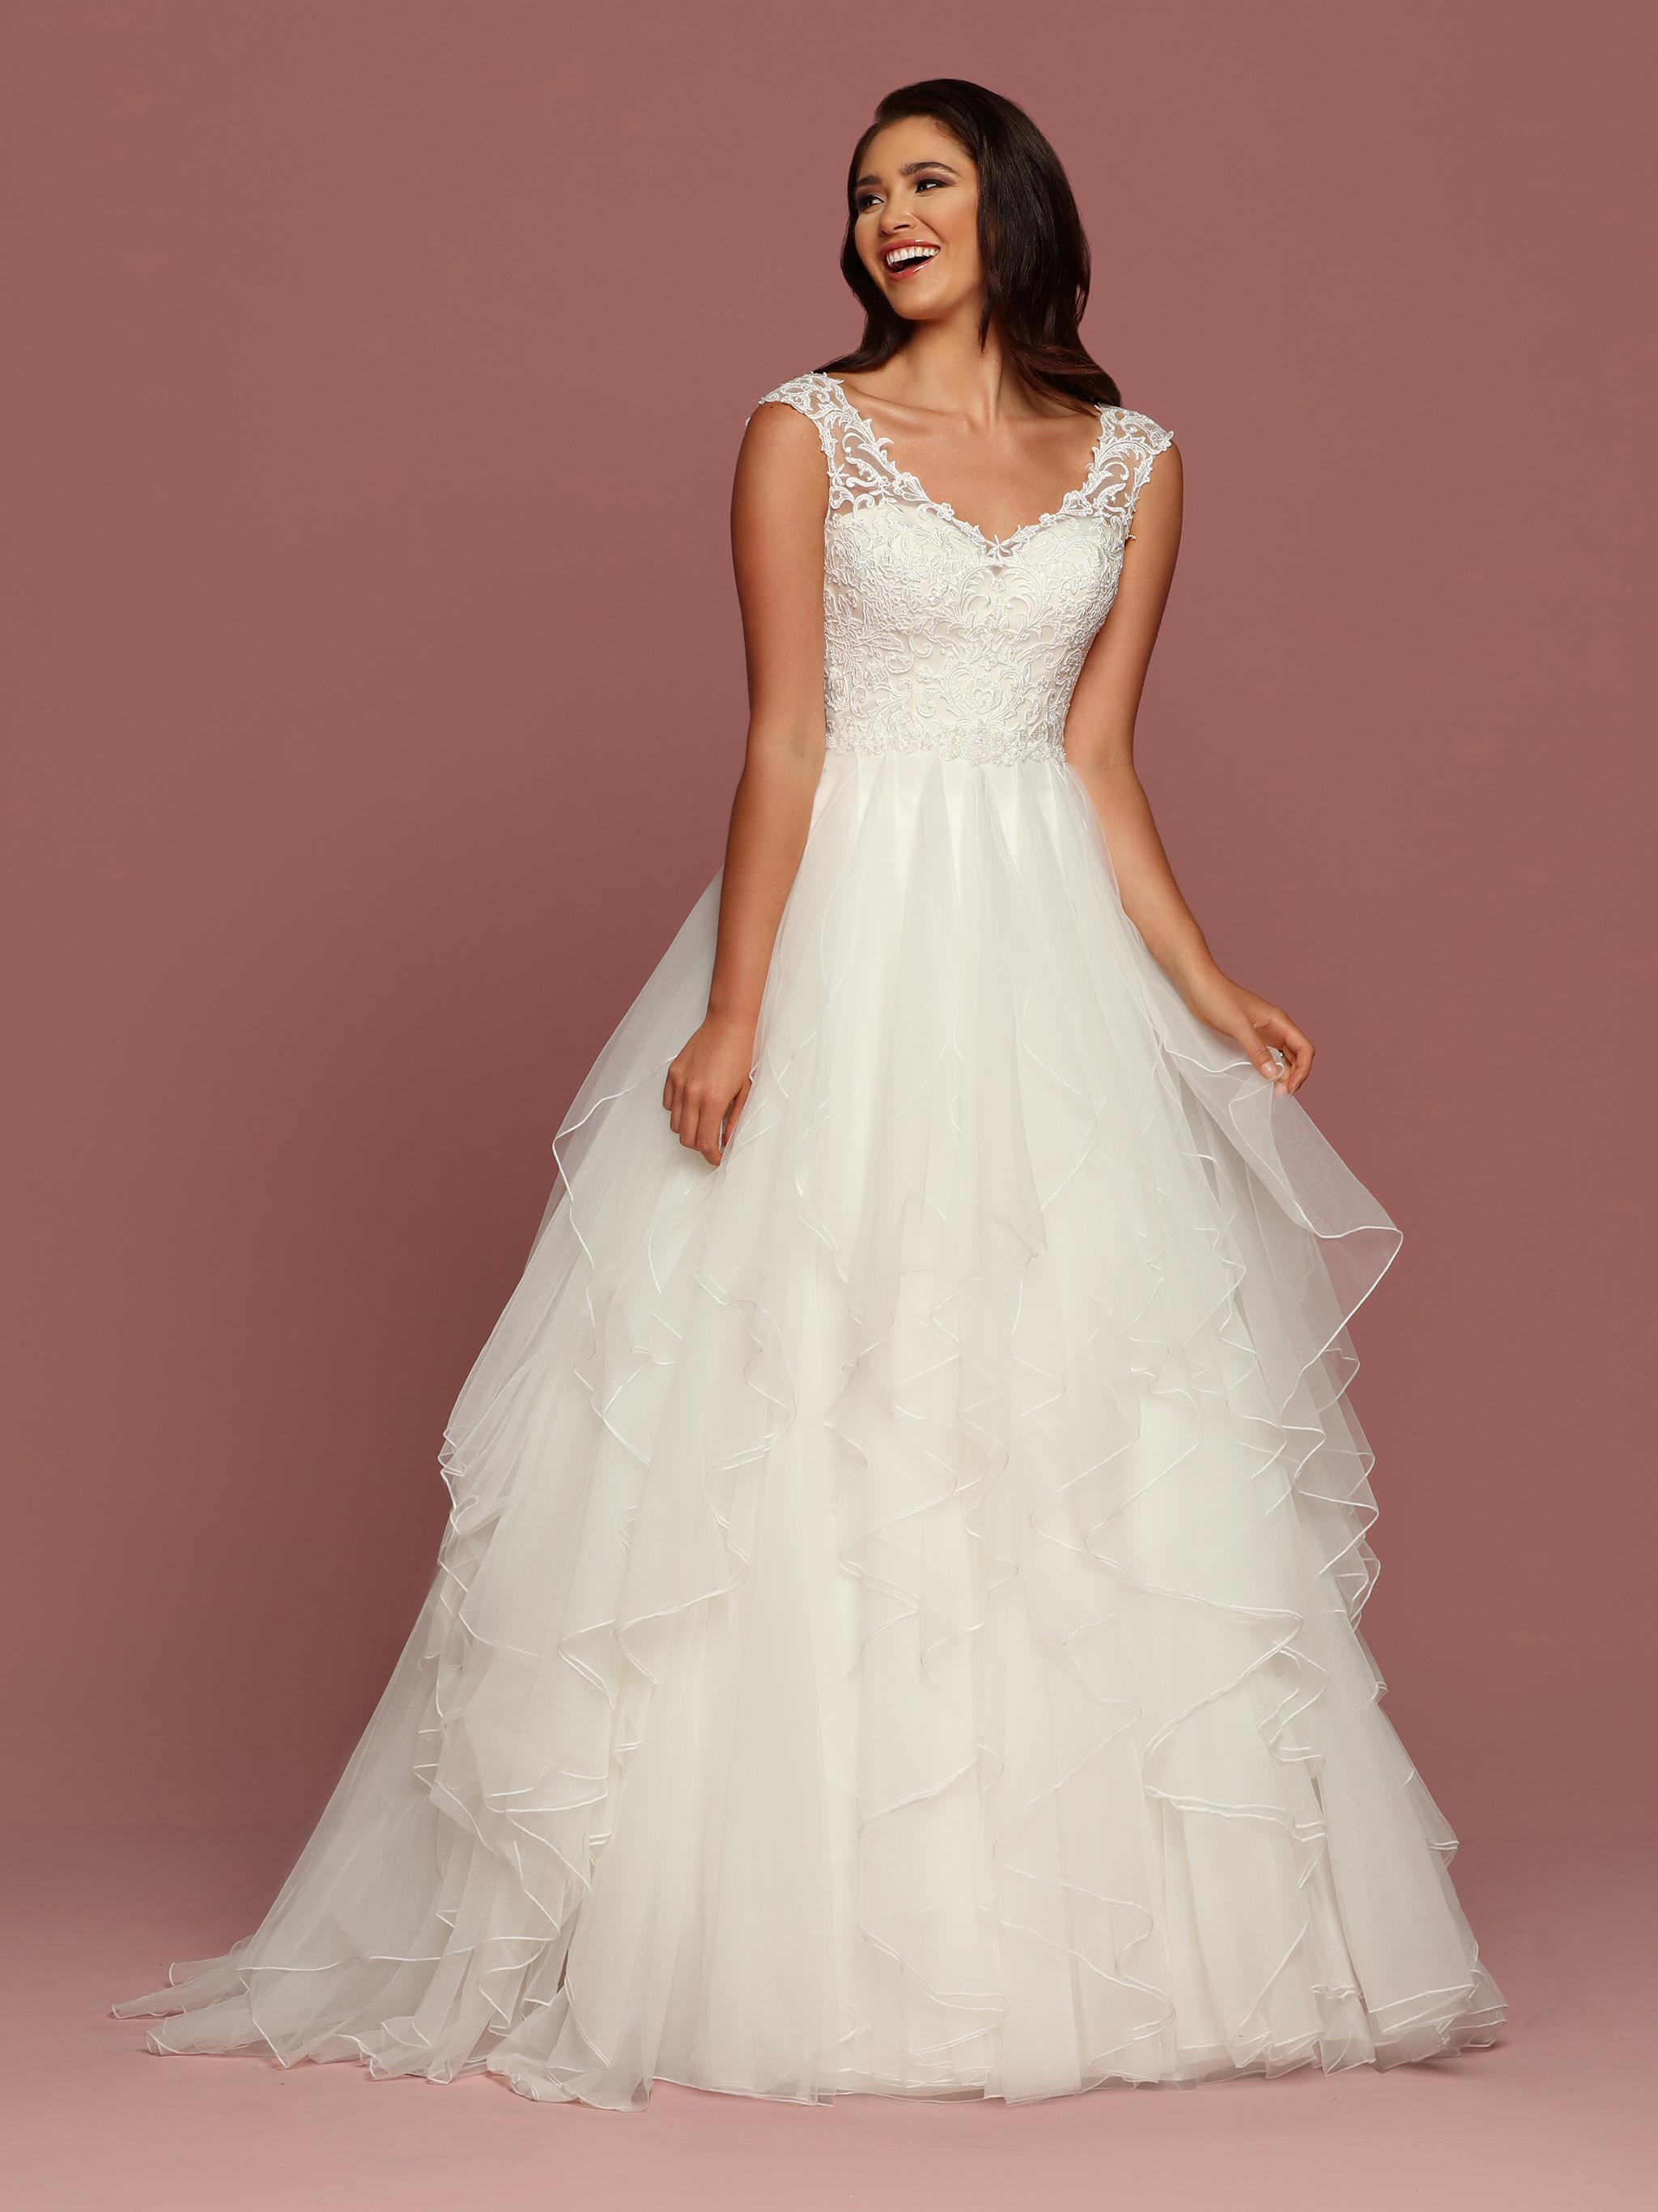 Ruffled Wedding Dresses Style #50501